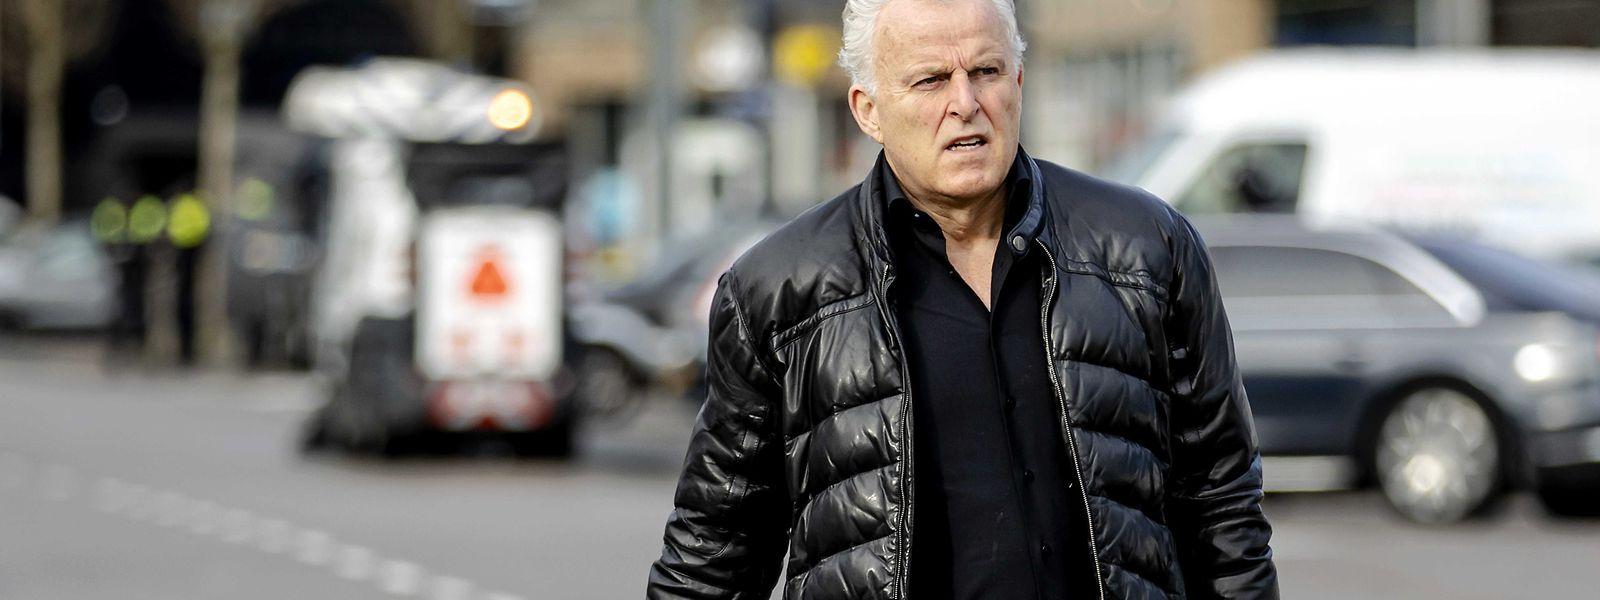 Der bekannte niederländische Reporter Peter de Vries wurde am Dienstag in Amsterdam niedergeschossen.